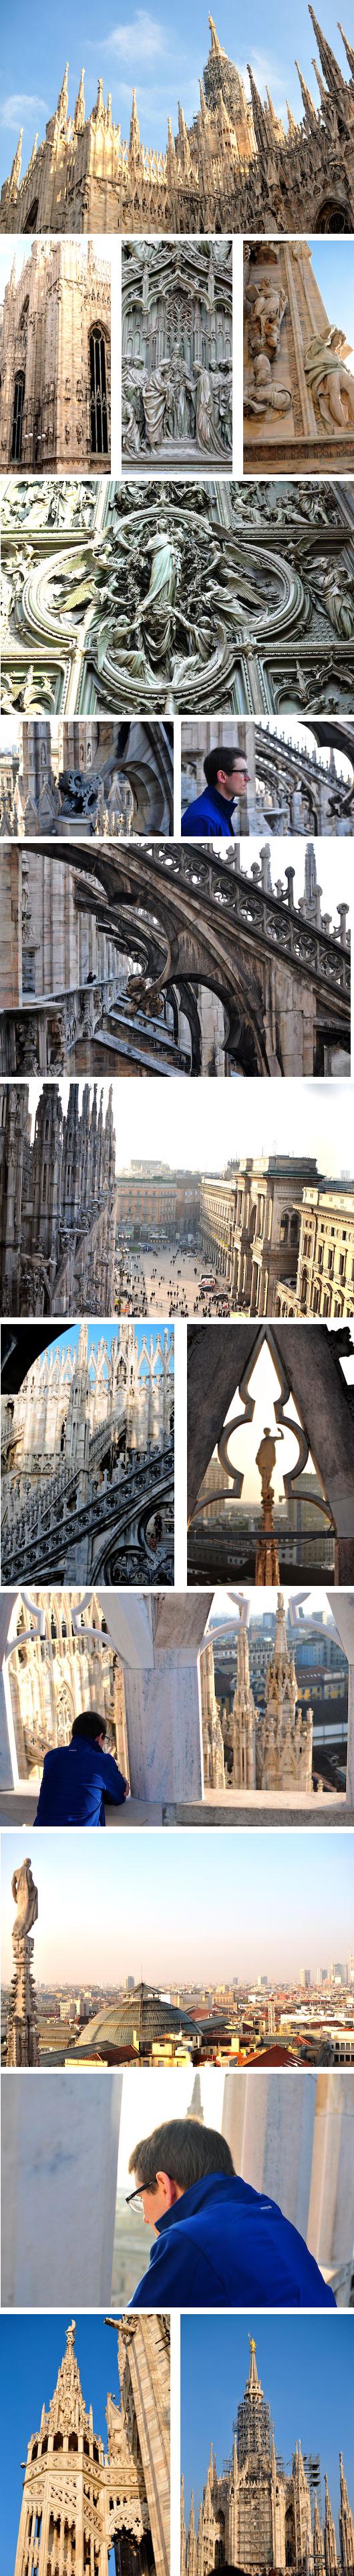 Milan 11.4.2010_Duomo